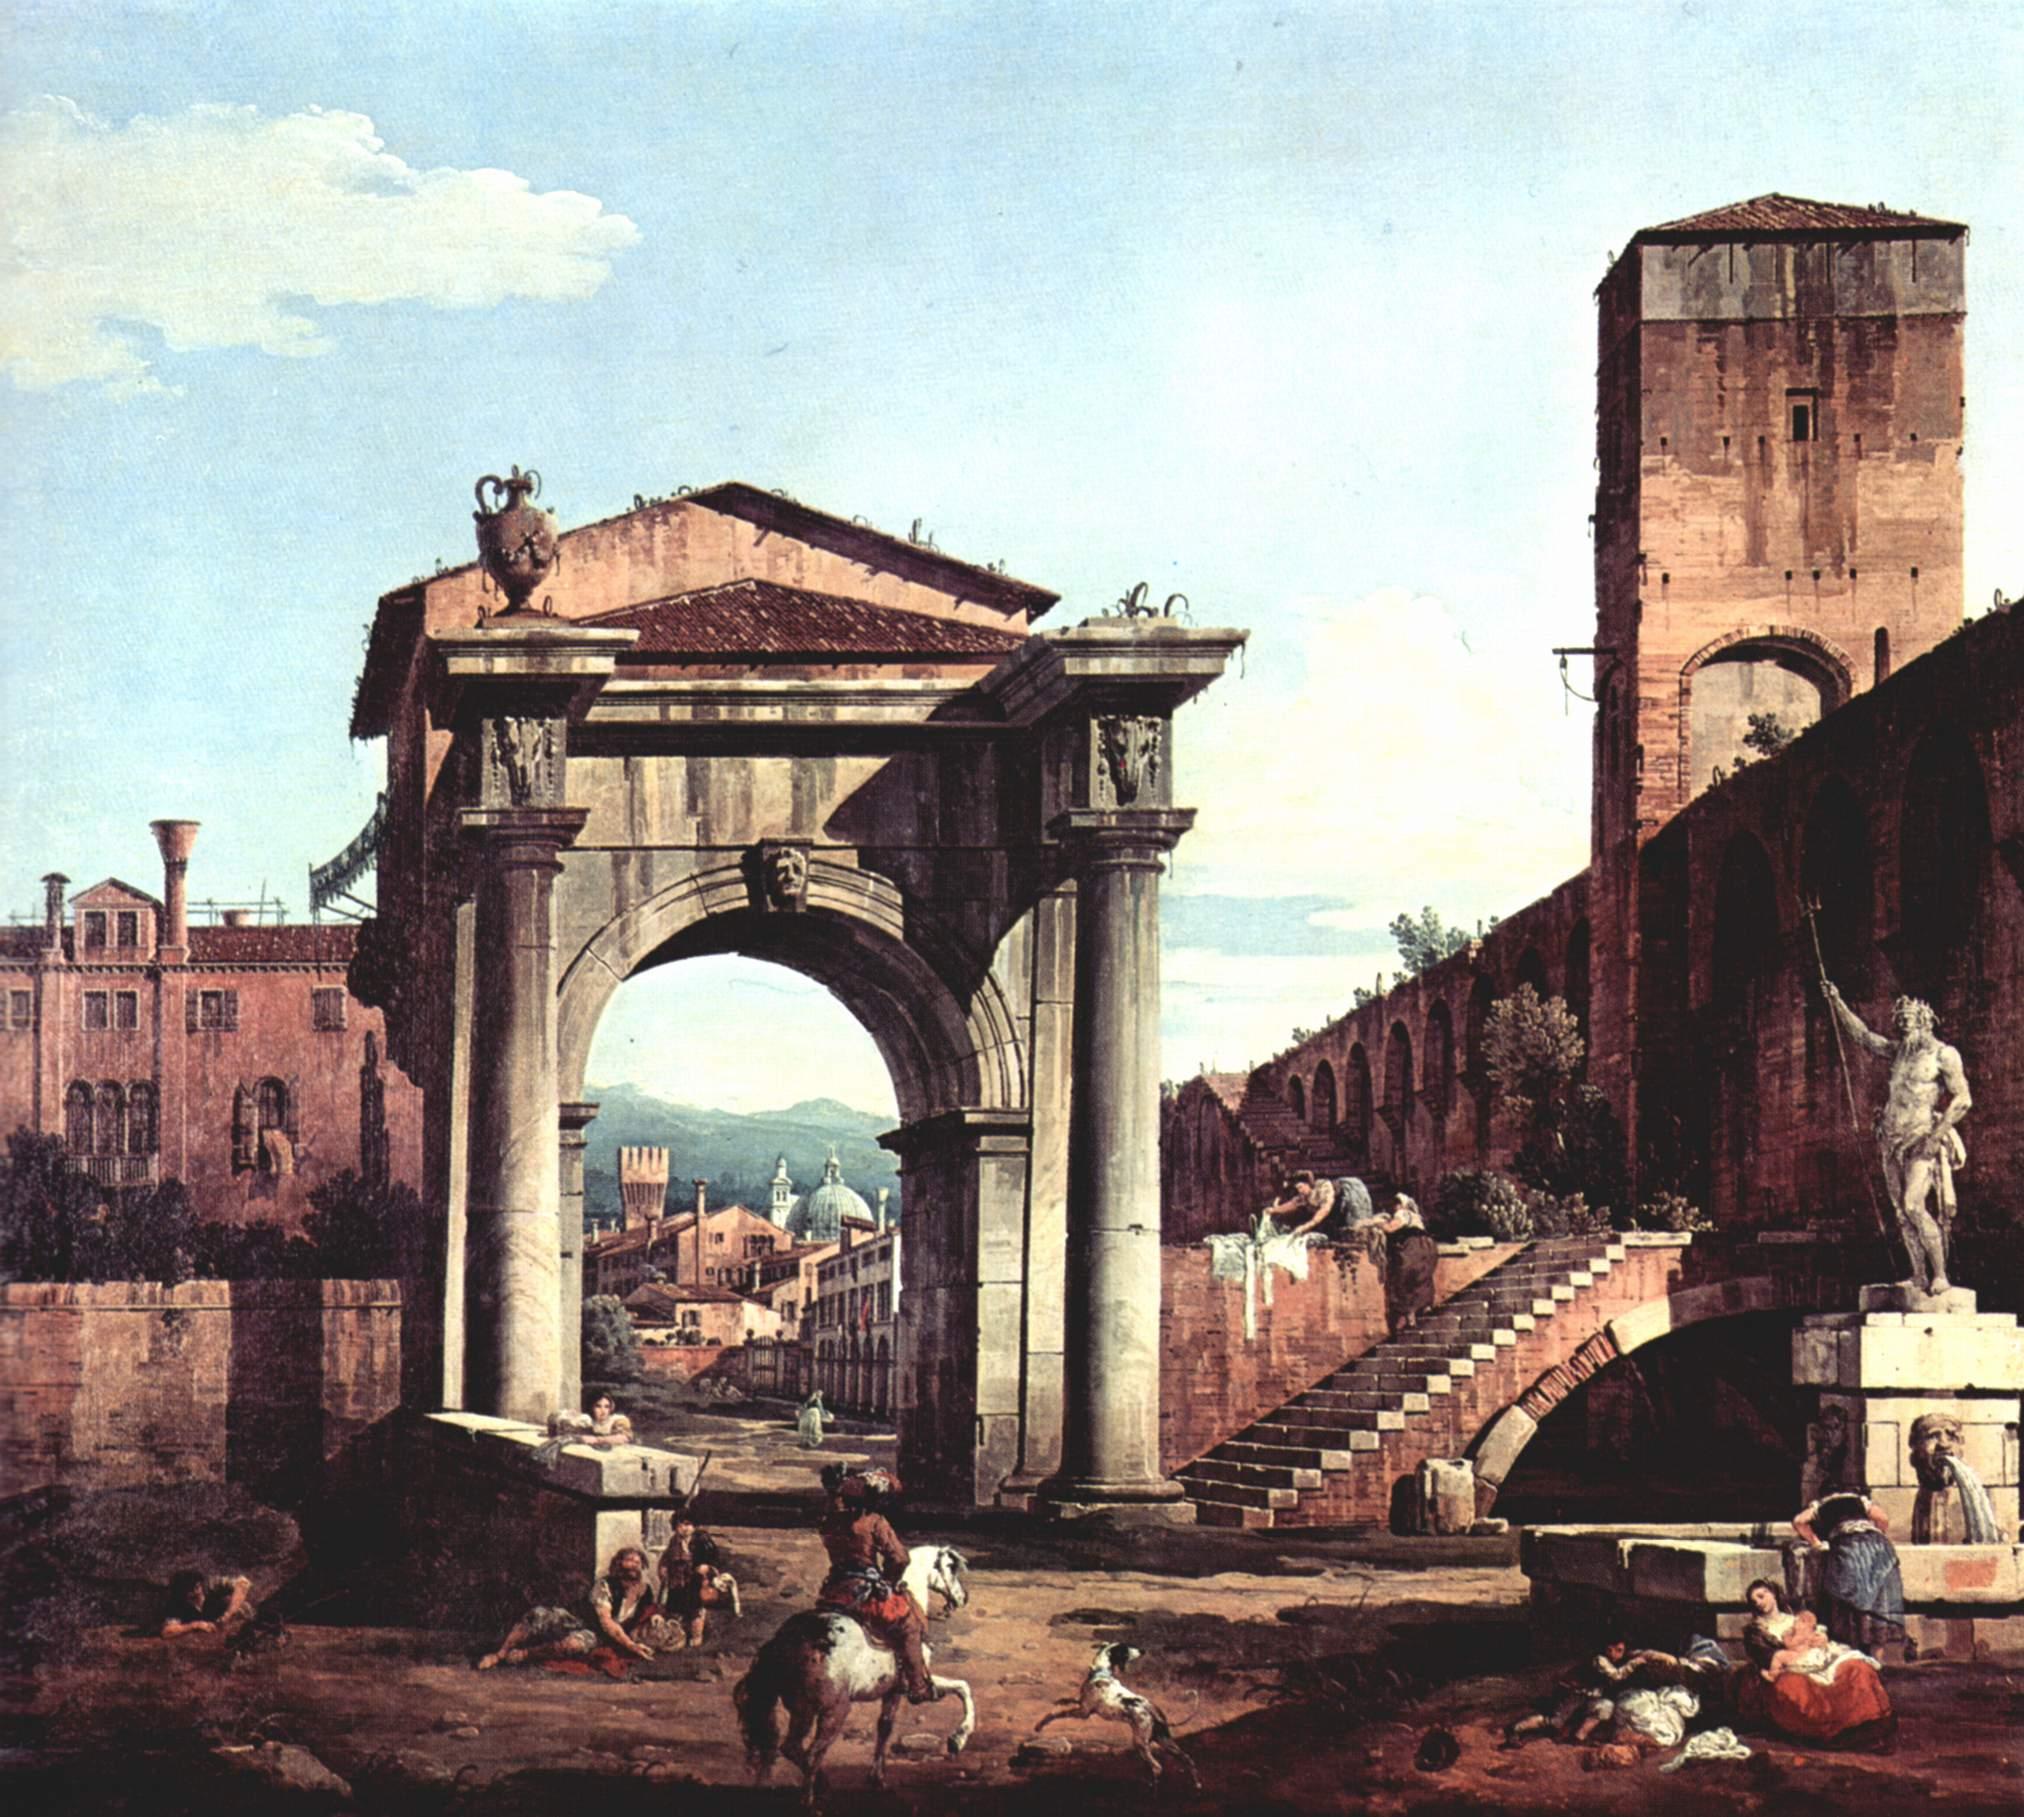 Римское каприччио, городские ворота и сторожевая башня, Джованни Антонио Каналетто 1